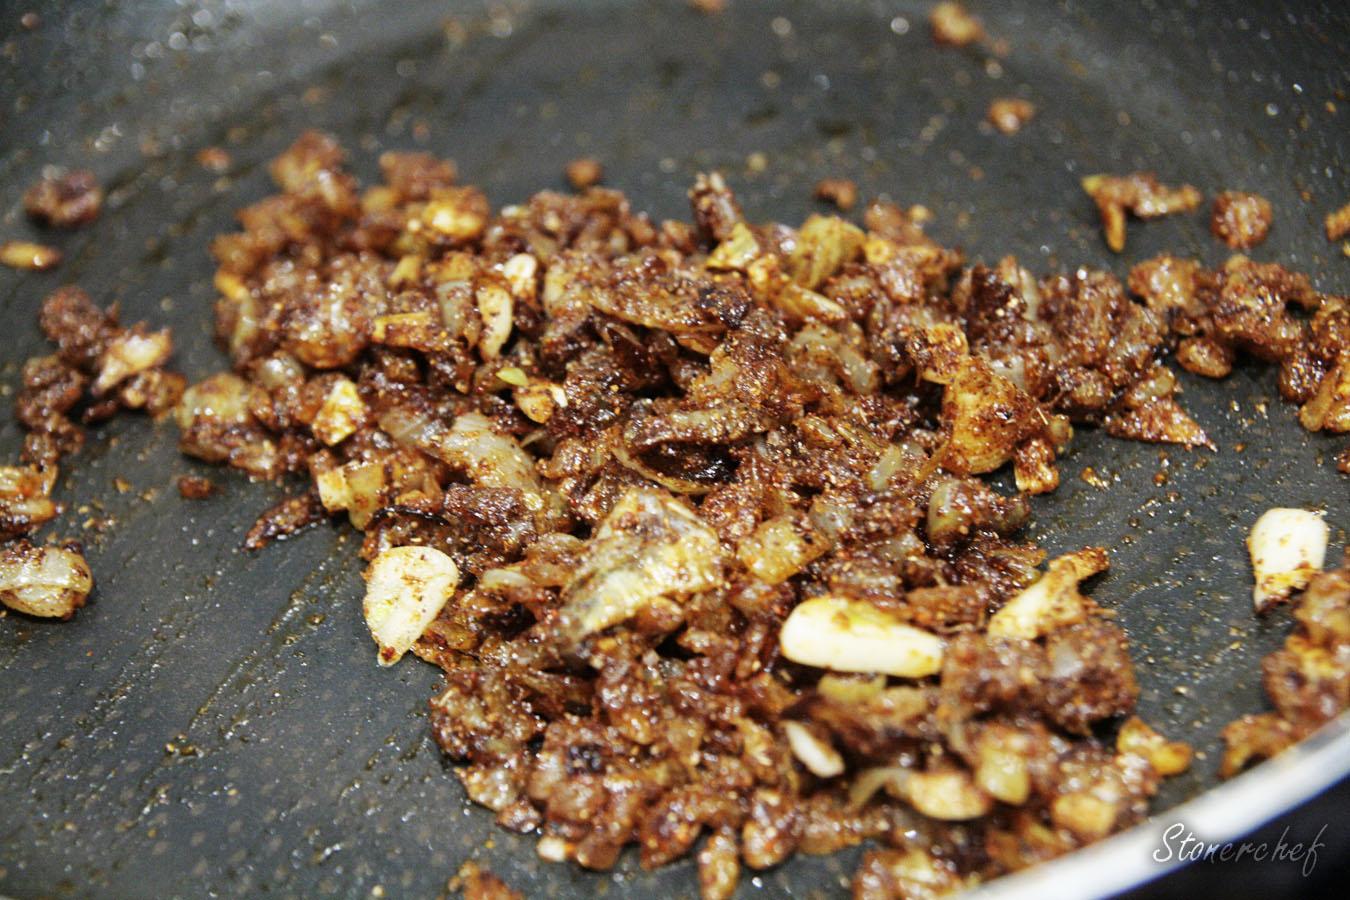 przyprawy dodane do skarmelizowanej cebuli i czosnku